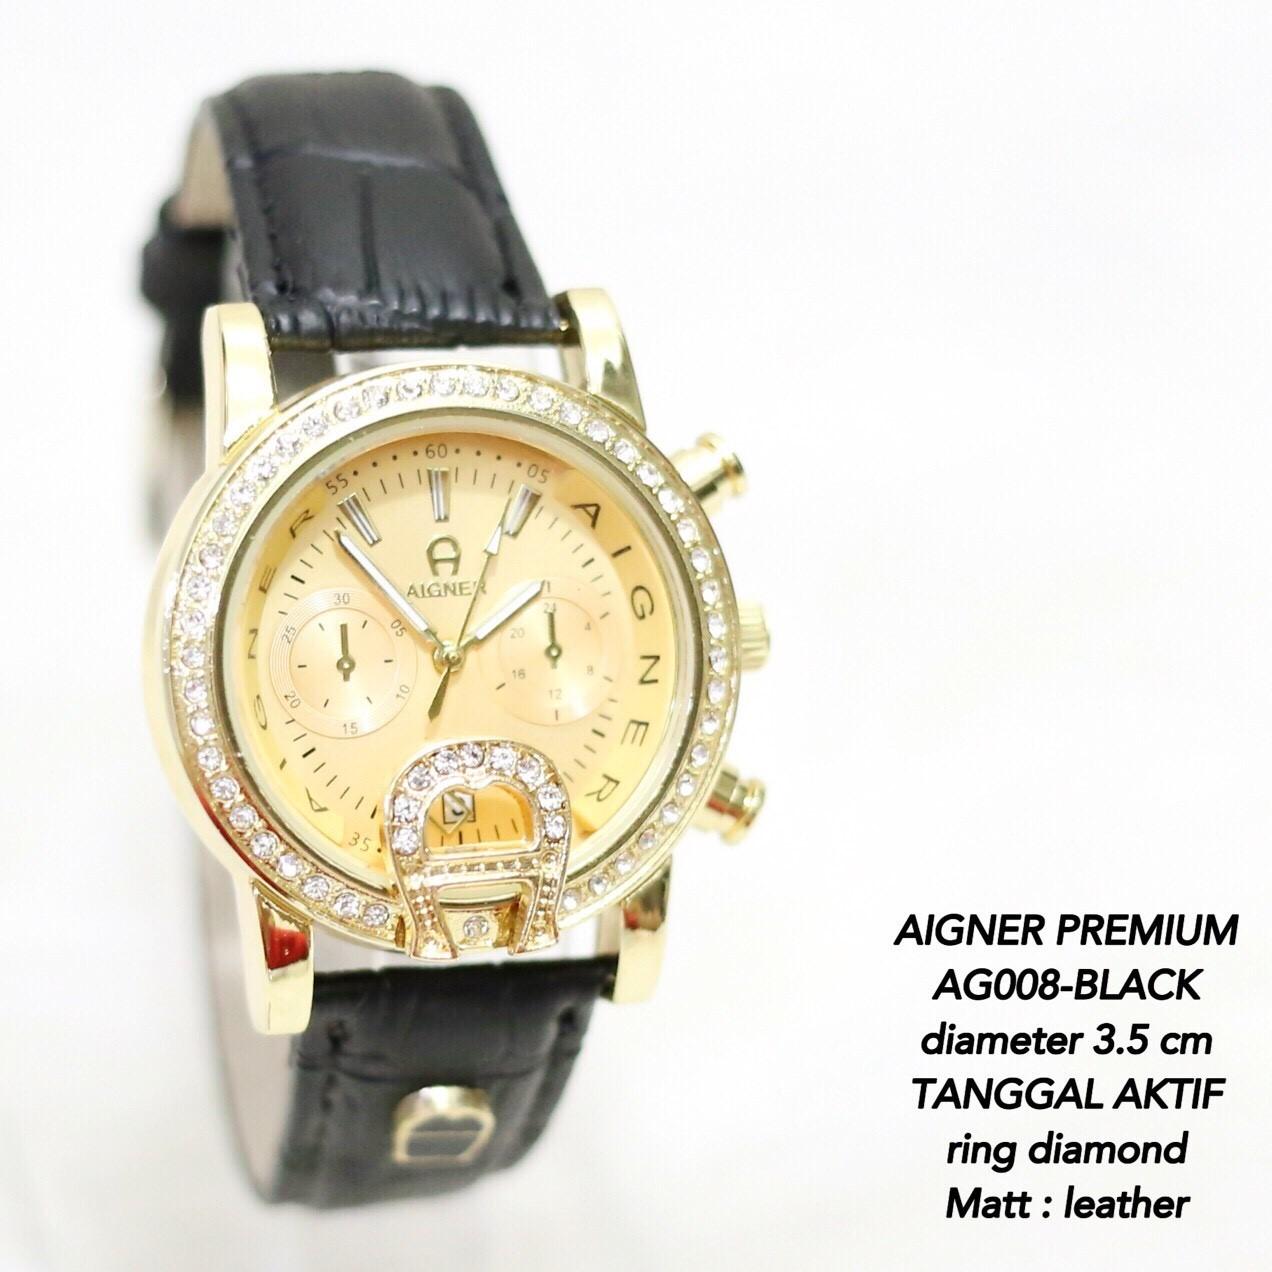 Jam tangan AIGNER wanita fashion kulit leather grosir tanggal aktif